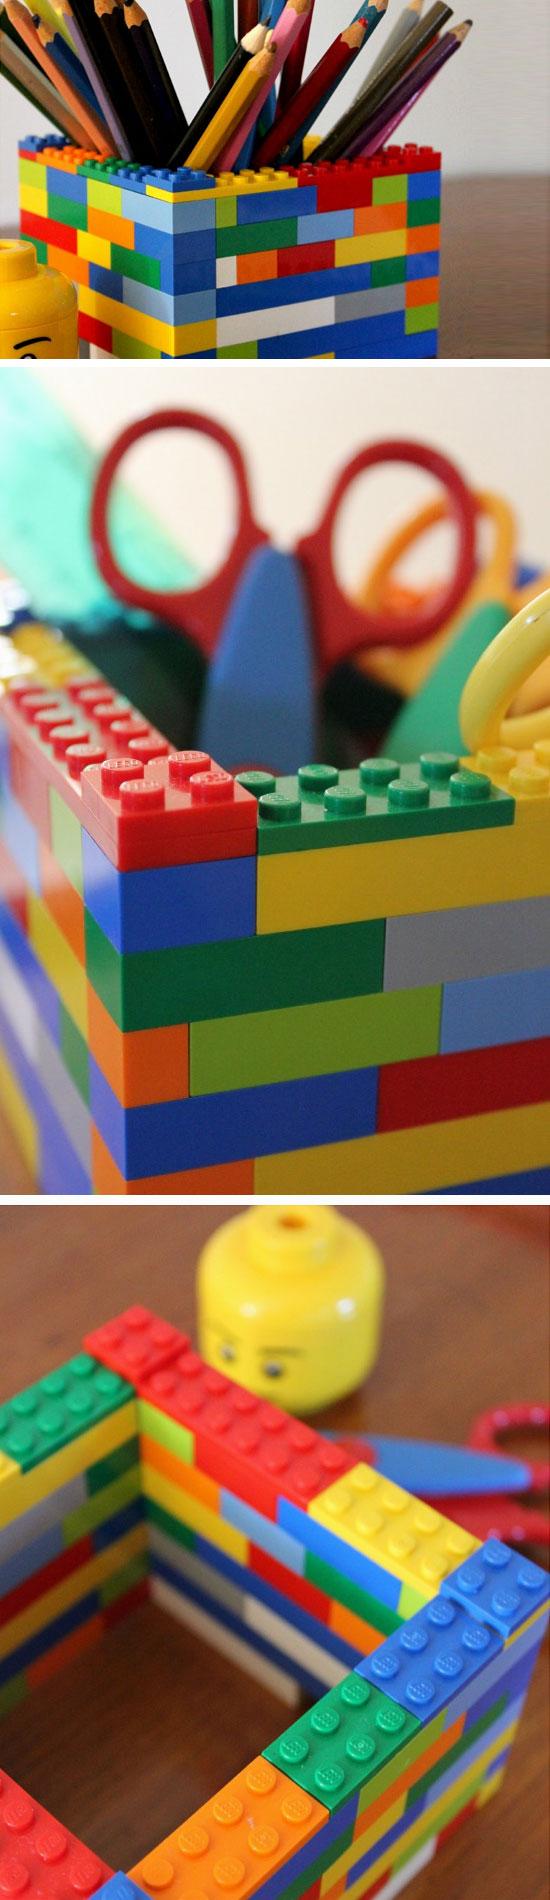 Lego Desk Organizer.